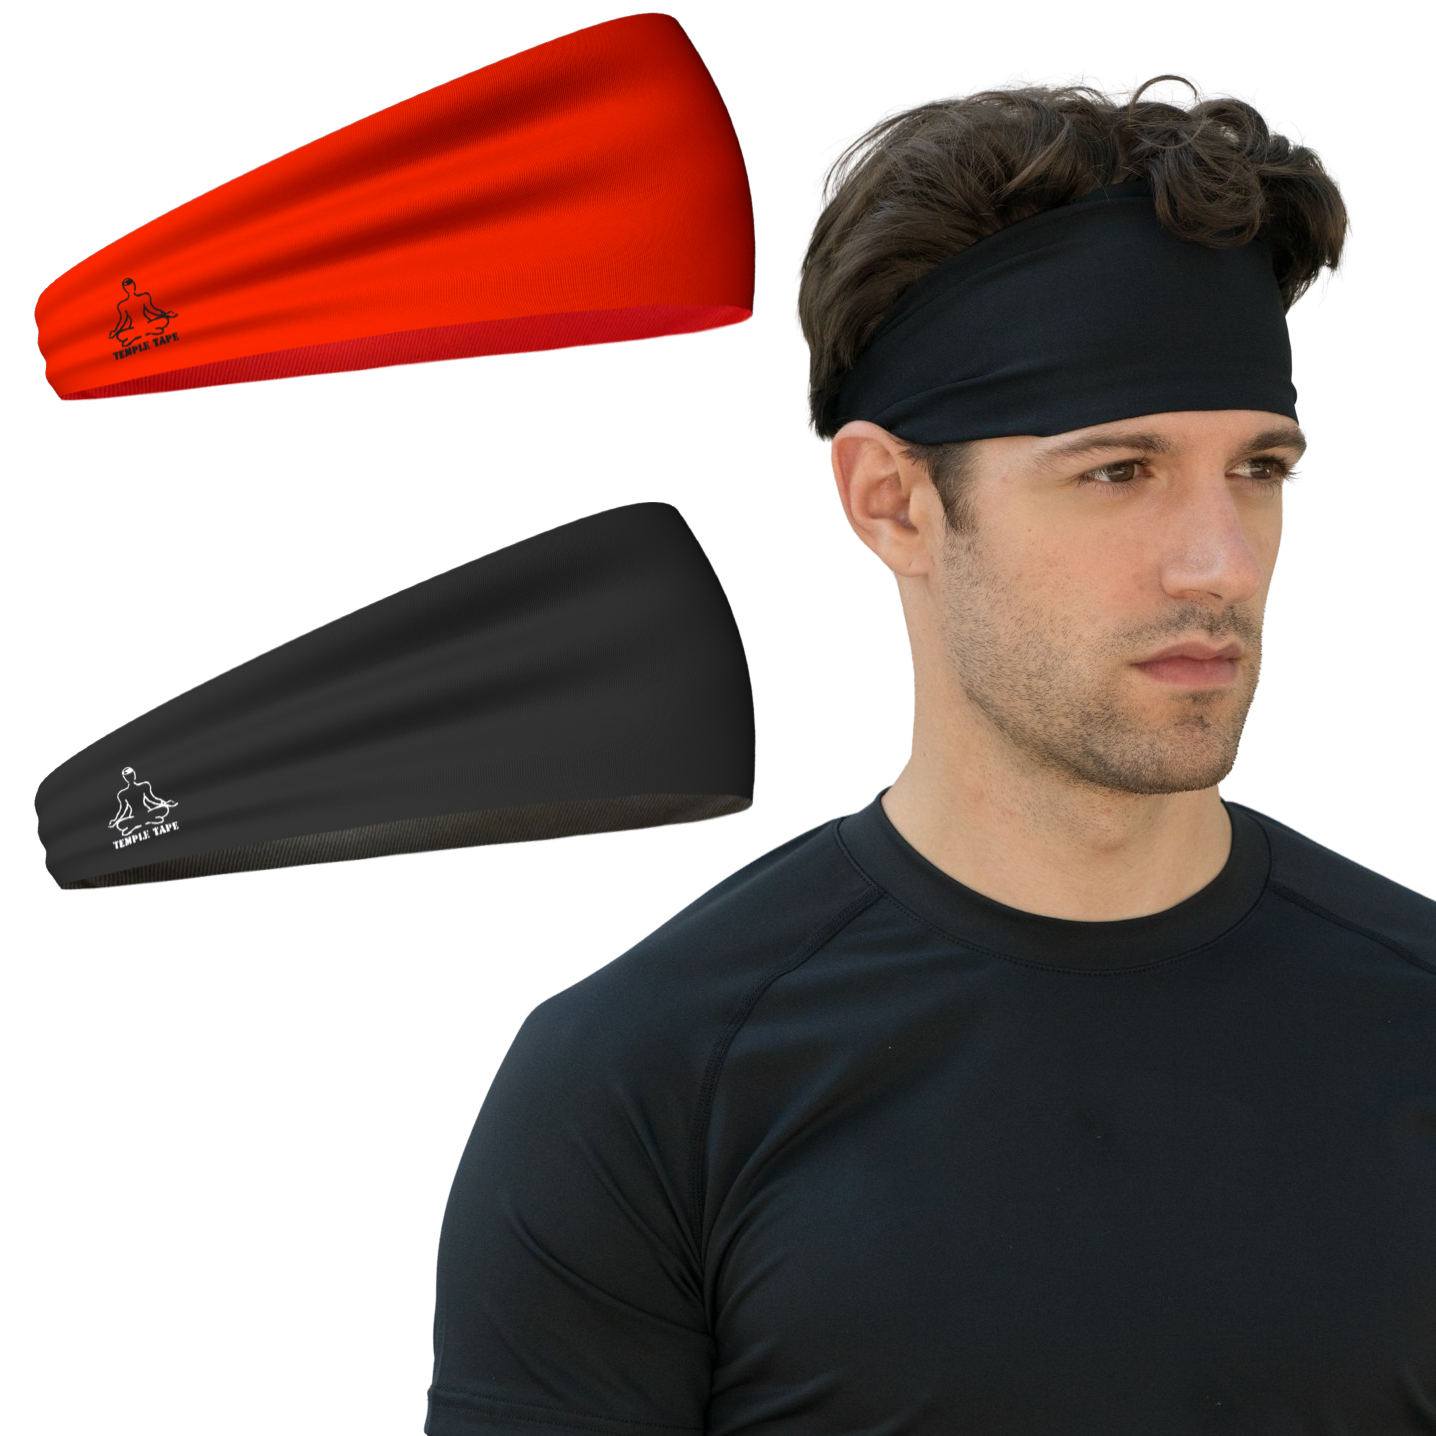 Model Wearing Sweatband